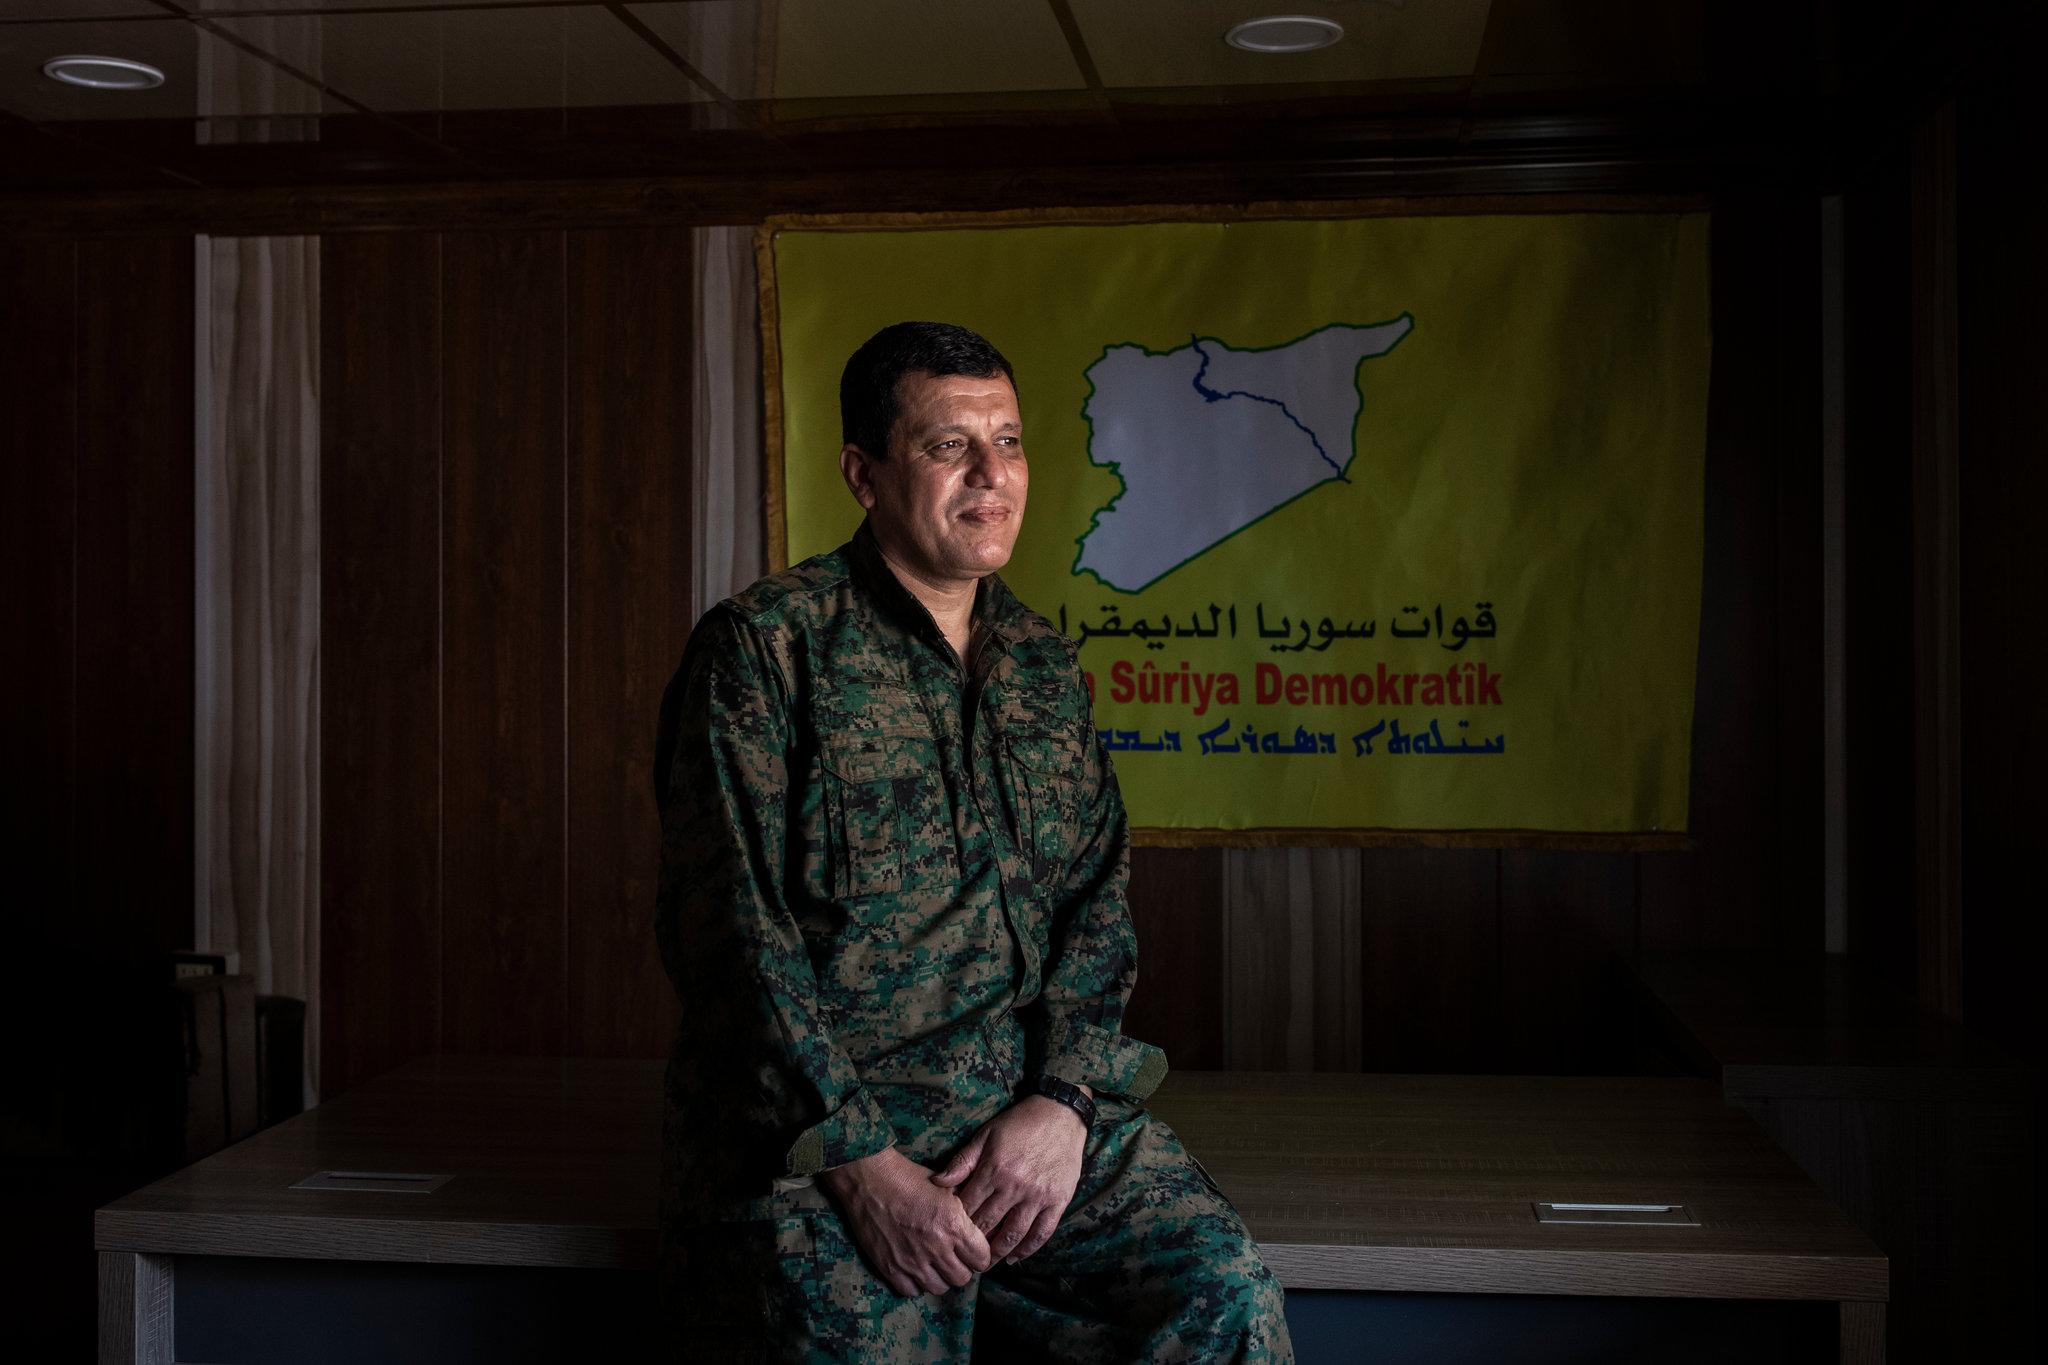 DSG: Türkiye'nin Rojava'da kalması için gerekçe yok!